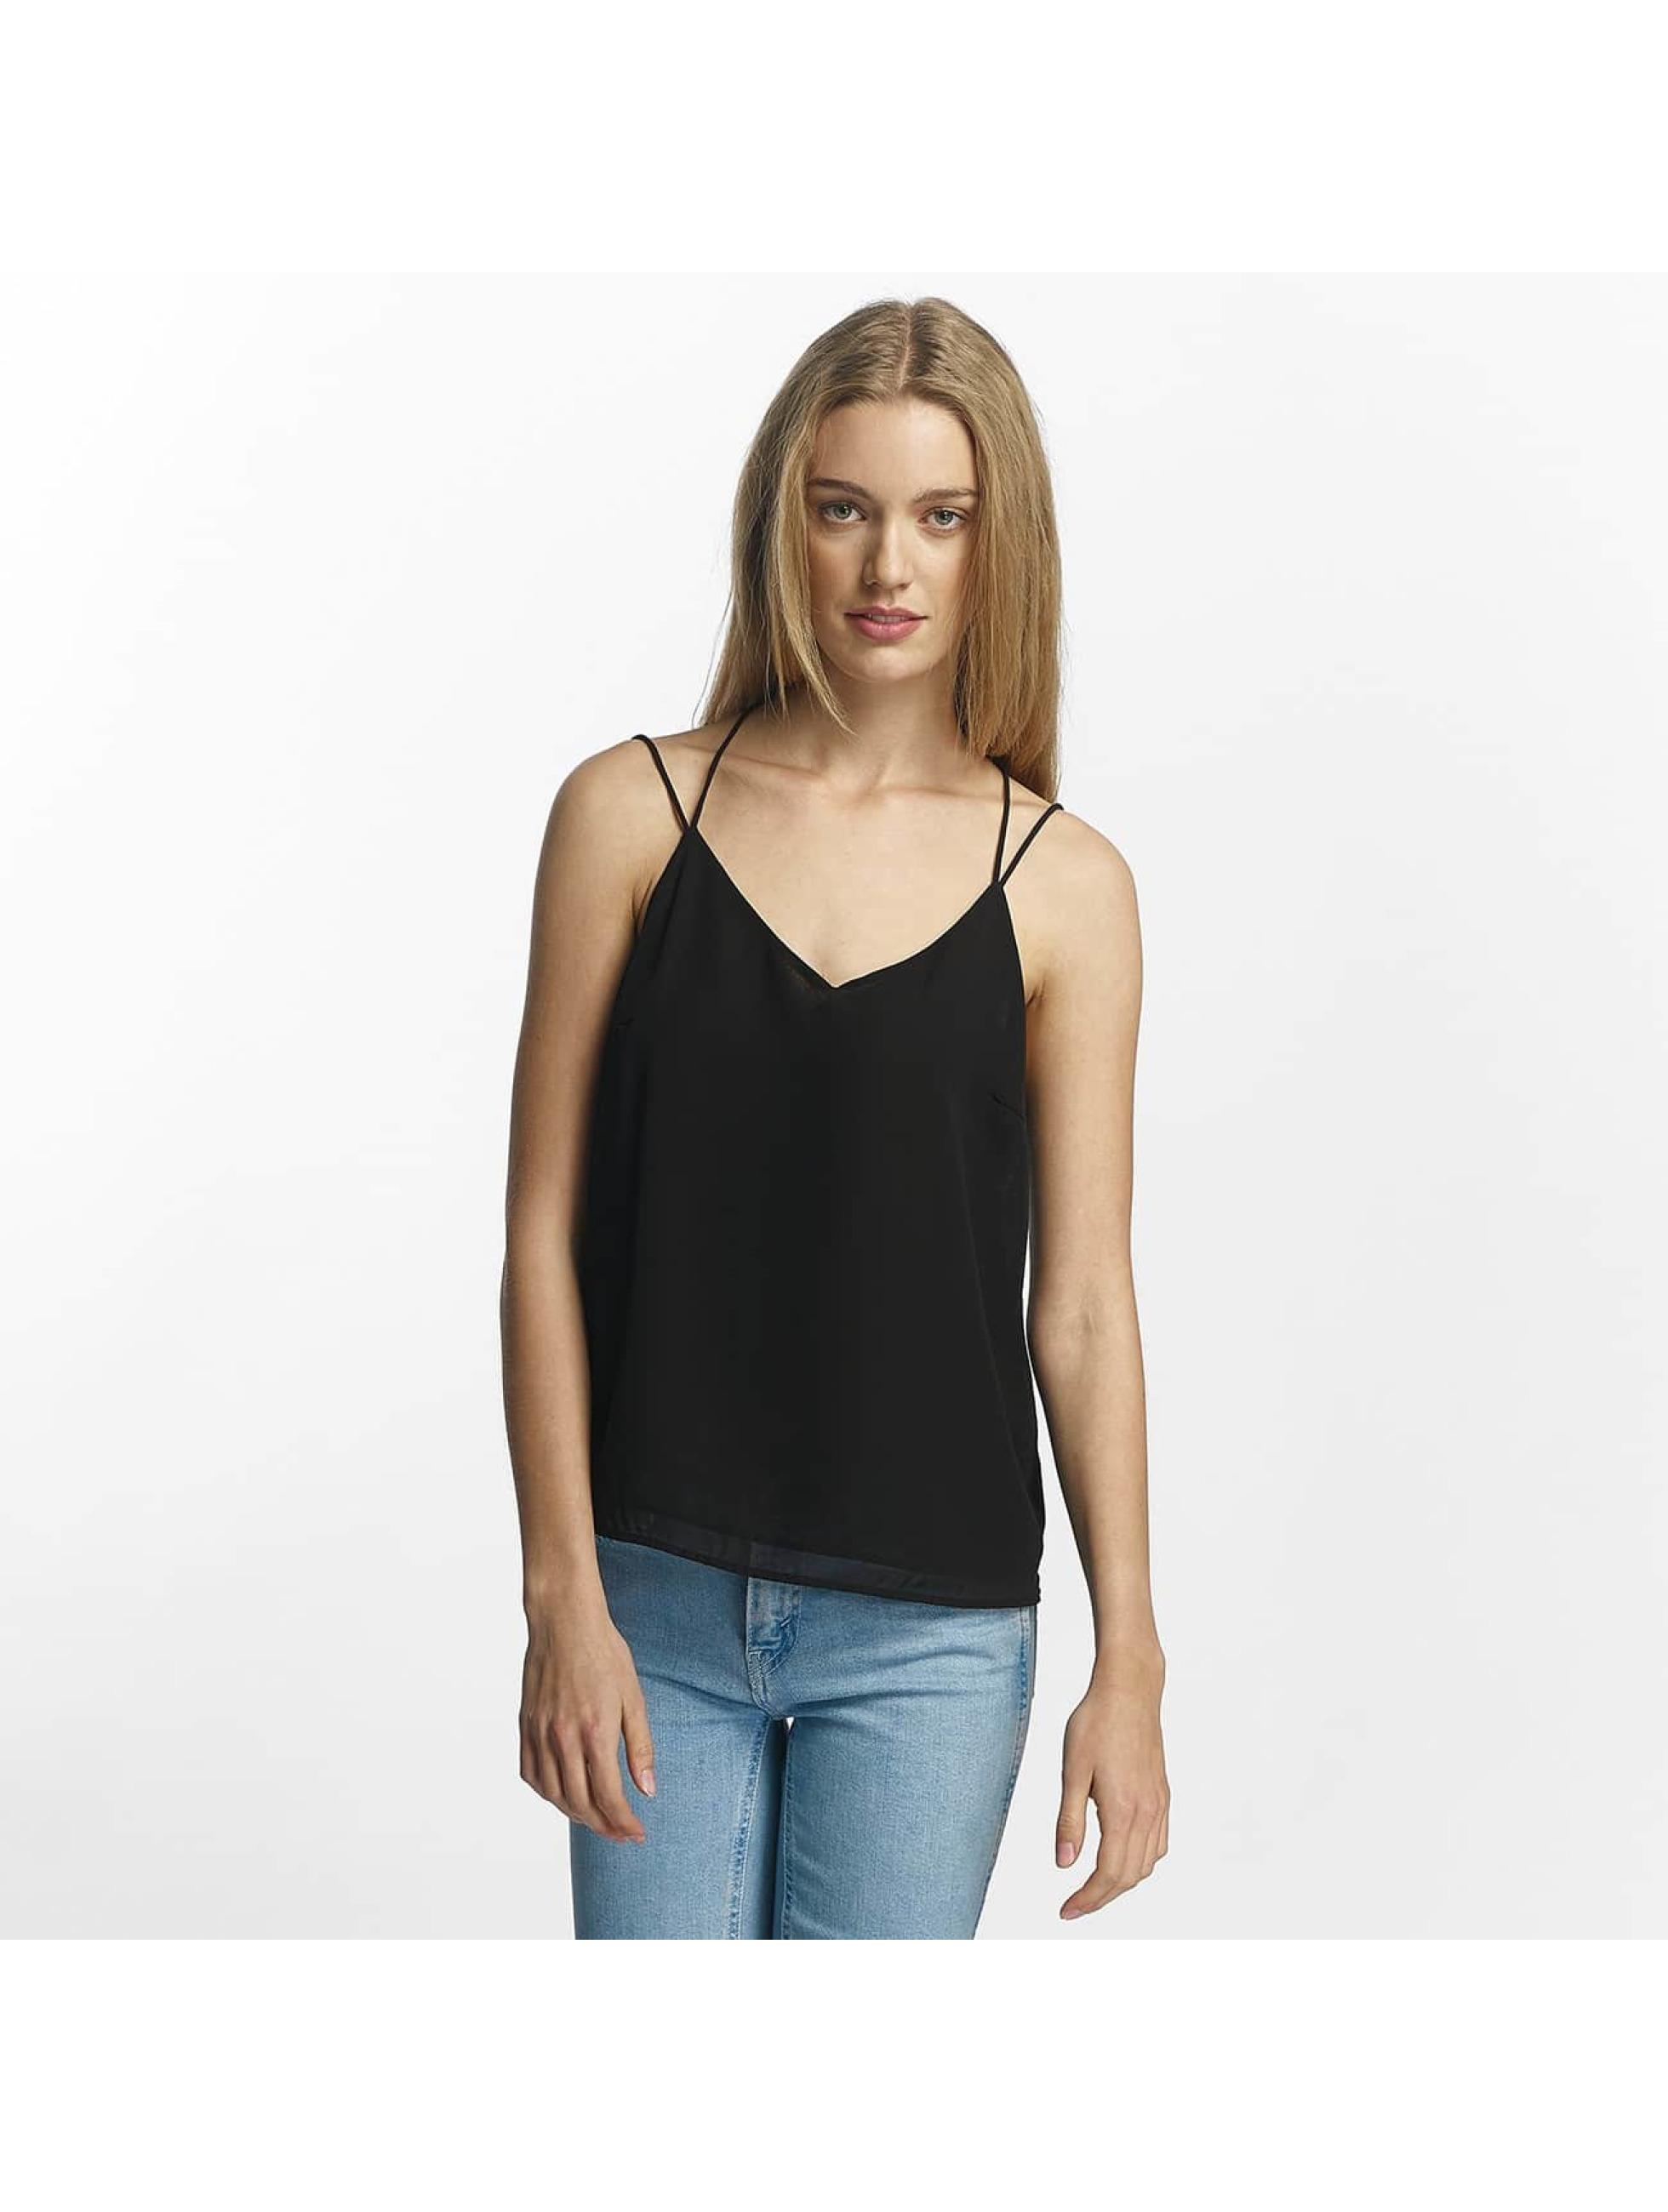 Vero Moda Frauen Top vmAmaze in schwarz